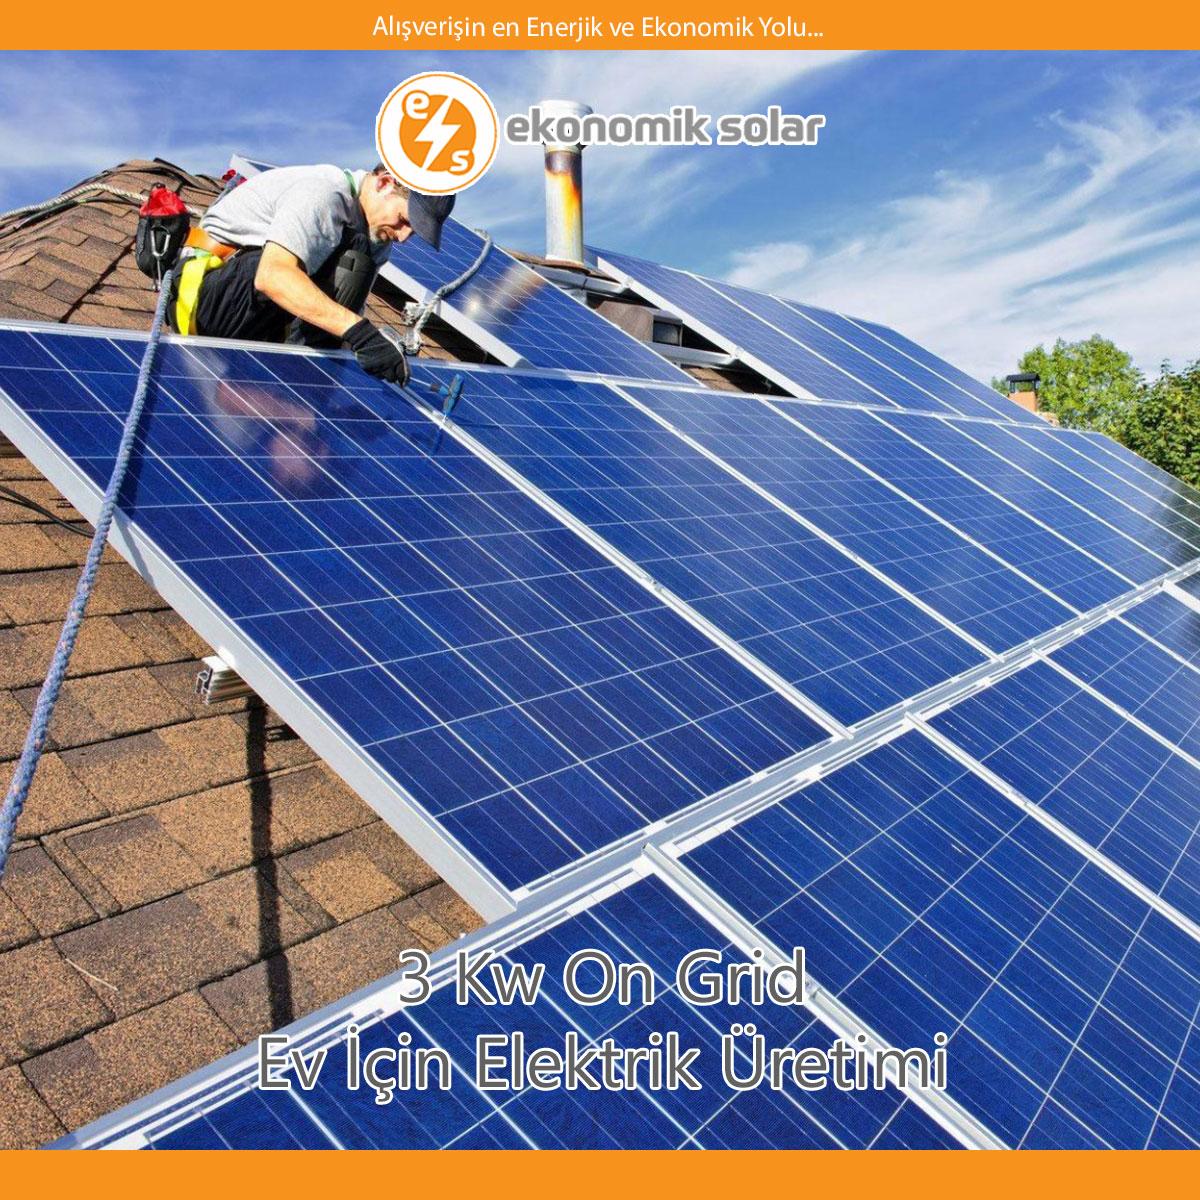 Evlerinize ve Bütçelerinize Uygun Hazır Solar Paketler